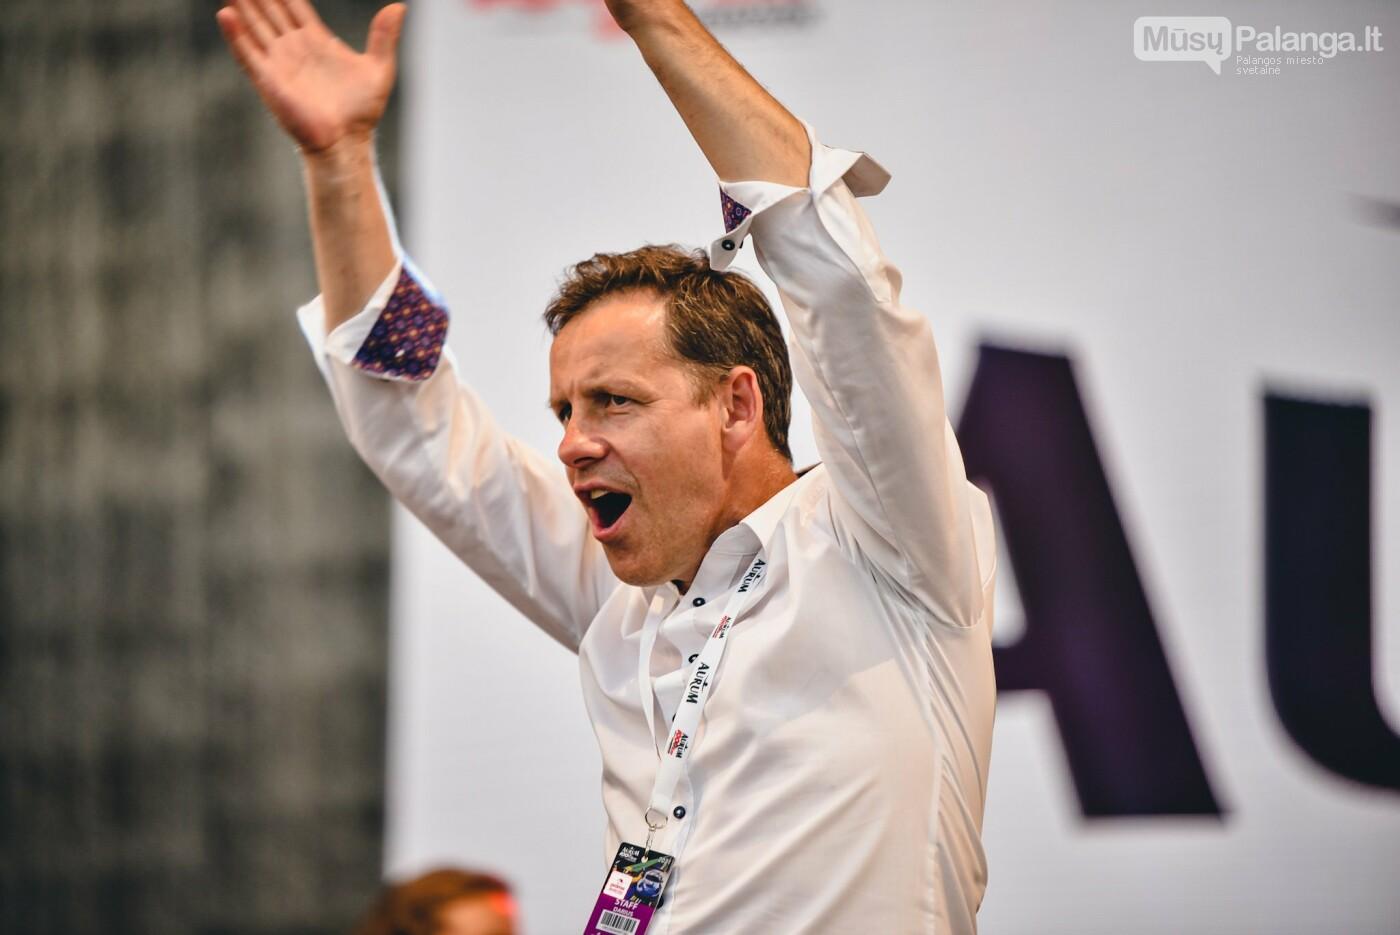 Jubiliejinės drag'o varžybos – pagal atrankos rezultatus , nuotrauka-6, Vytauto PILKAUSKO ir Arno STRUMILOS nuotraukos